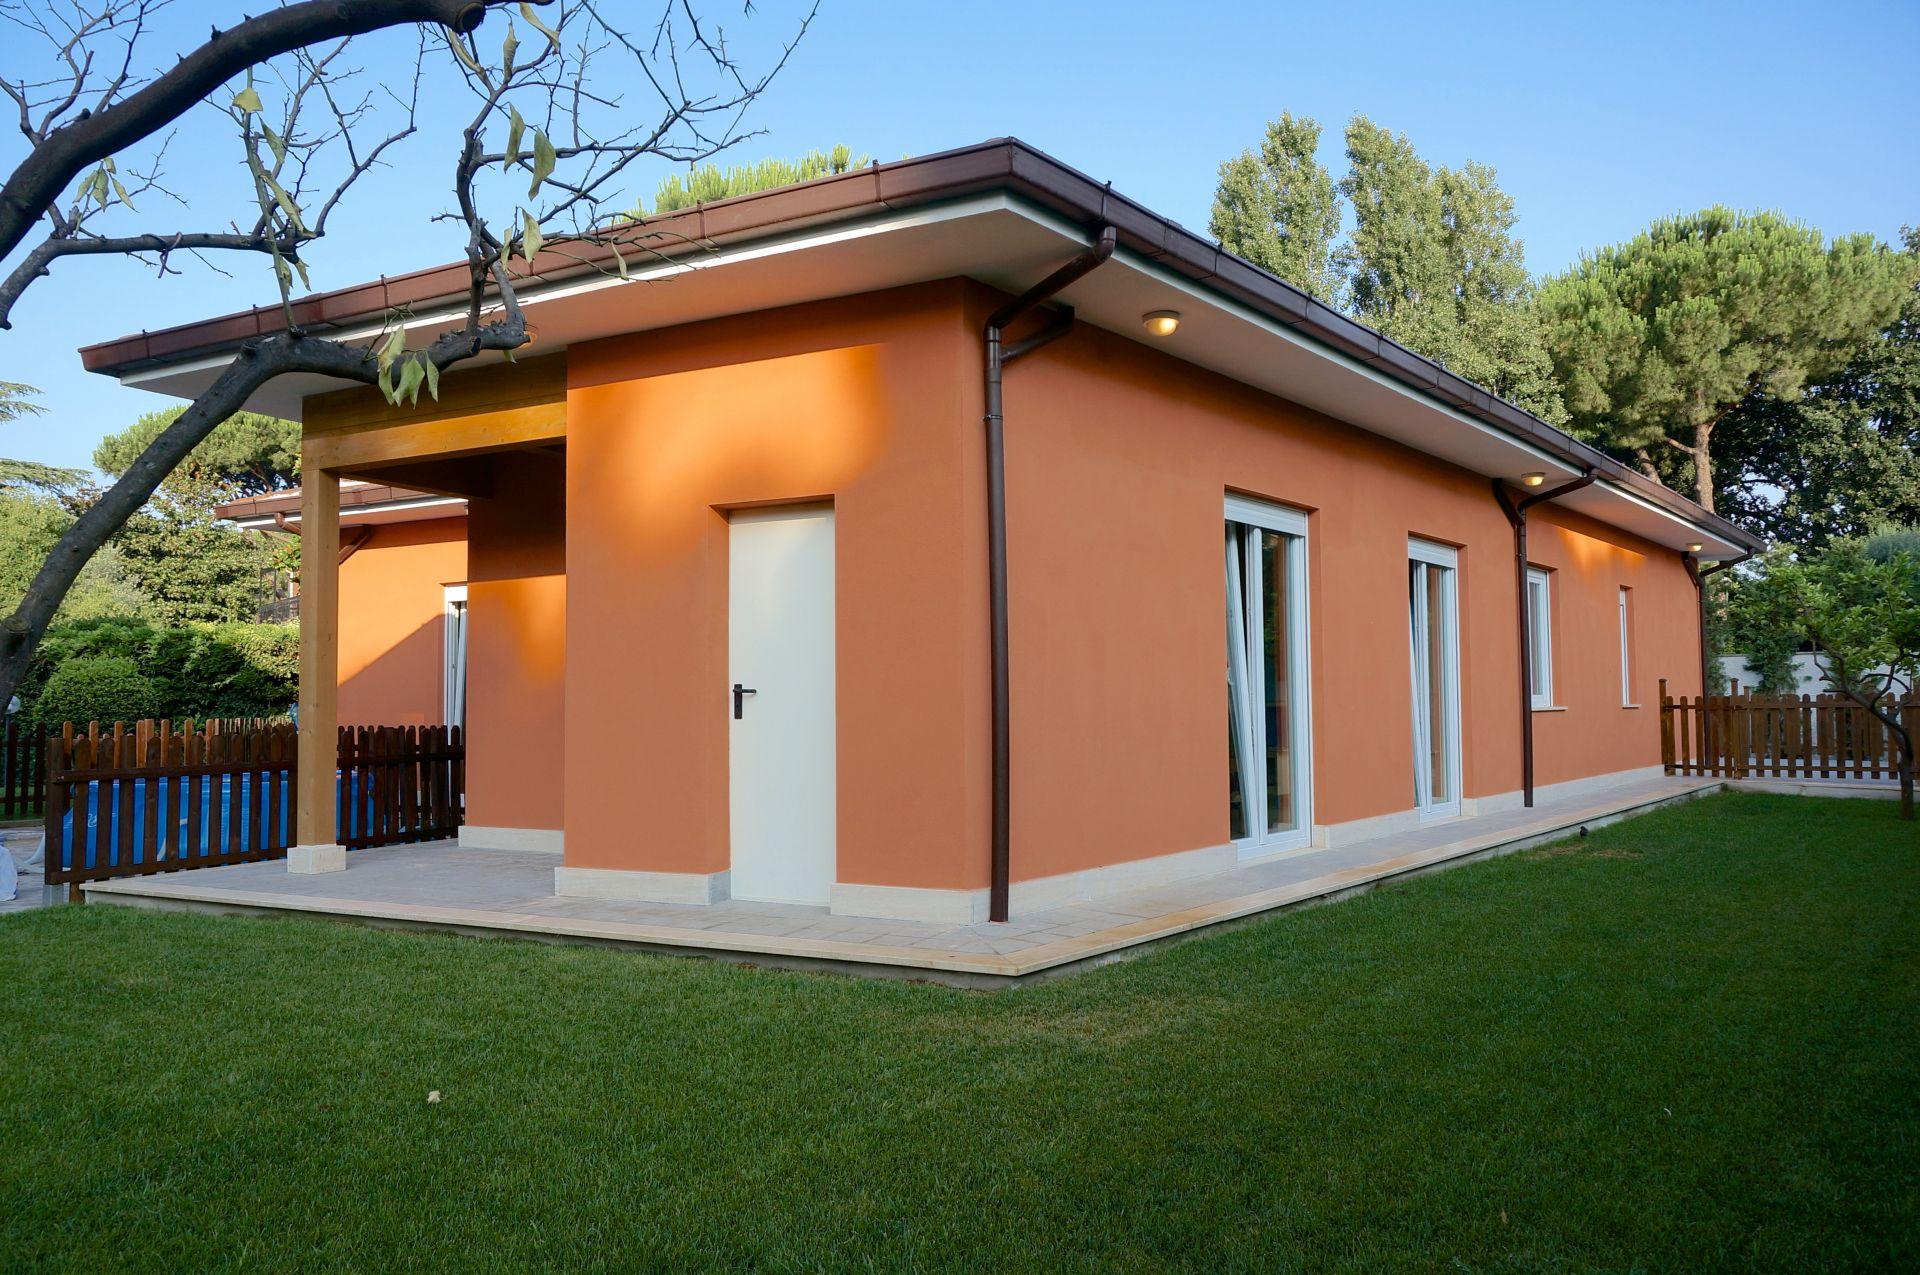 Realizzazione Edificio Pubblico (scuola, chiesa) in Legno Asilo Nido - Roma - Casal Palocco di Technowood